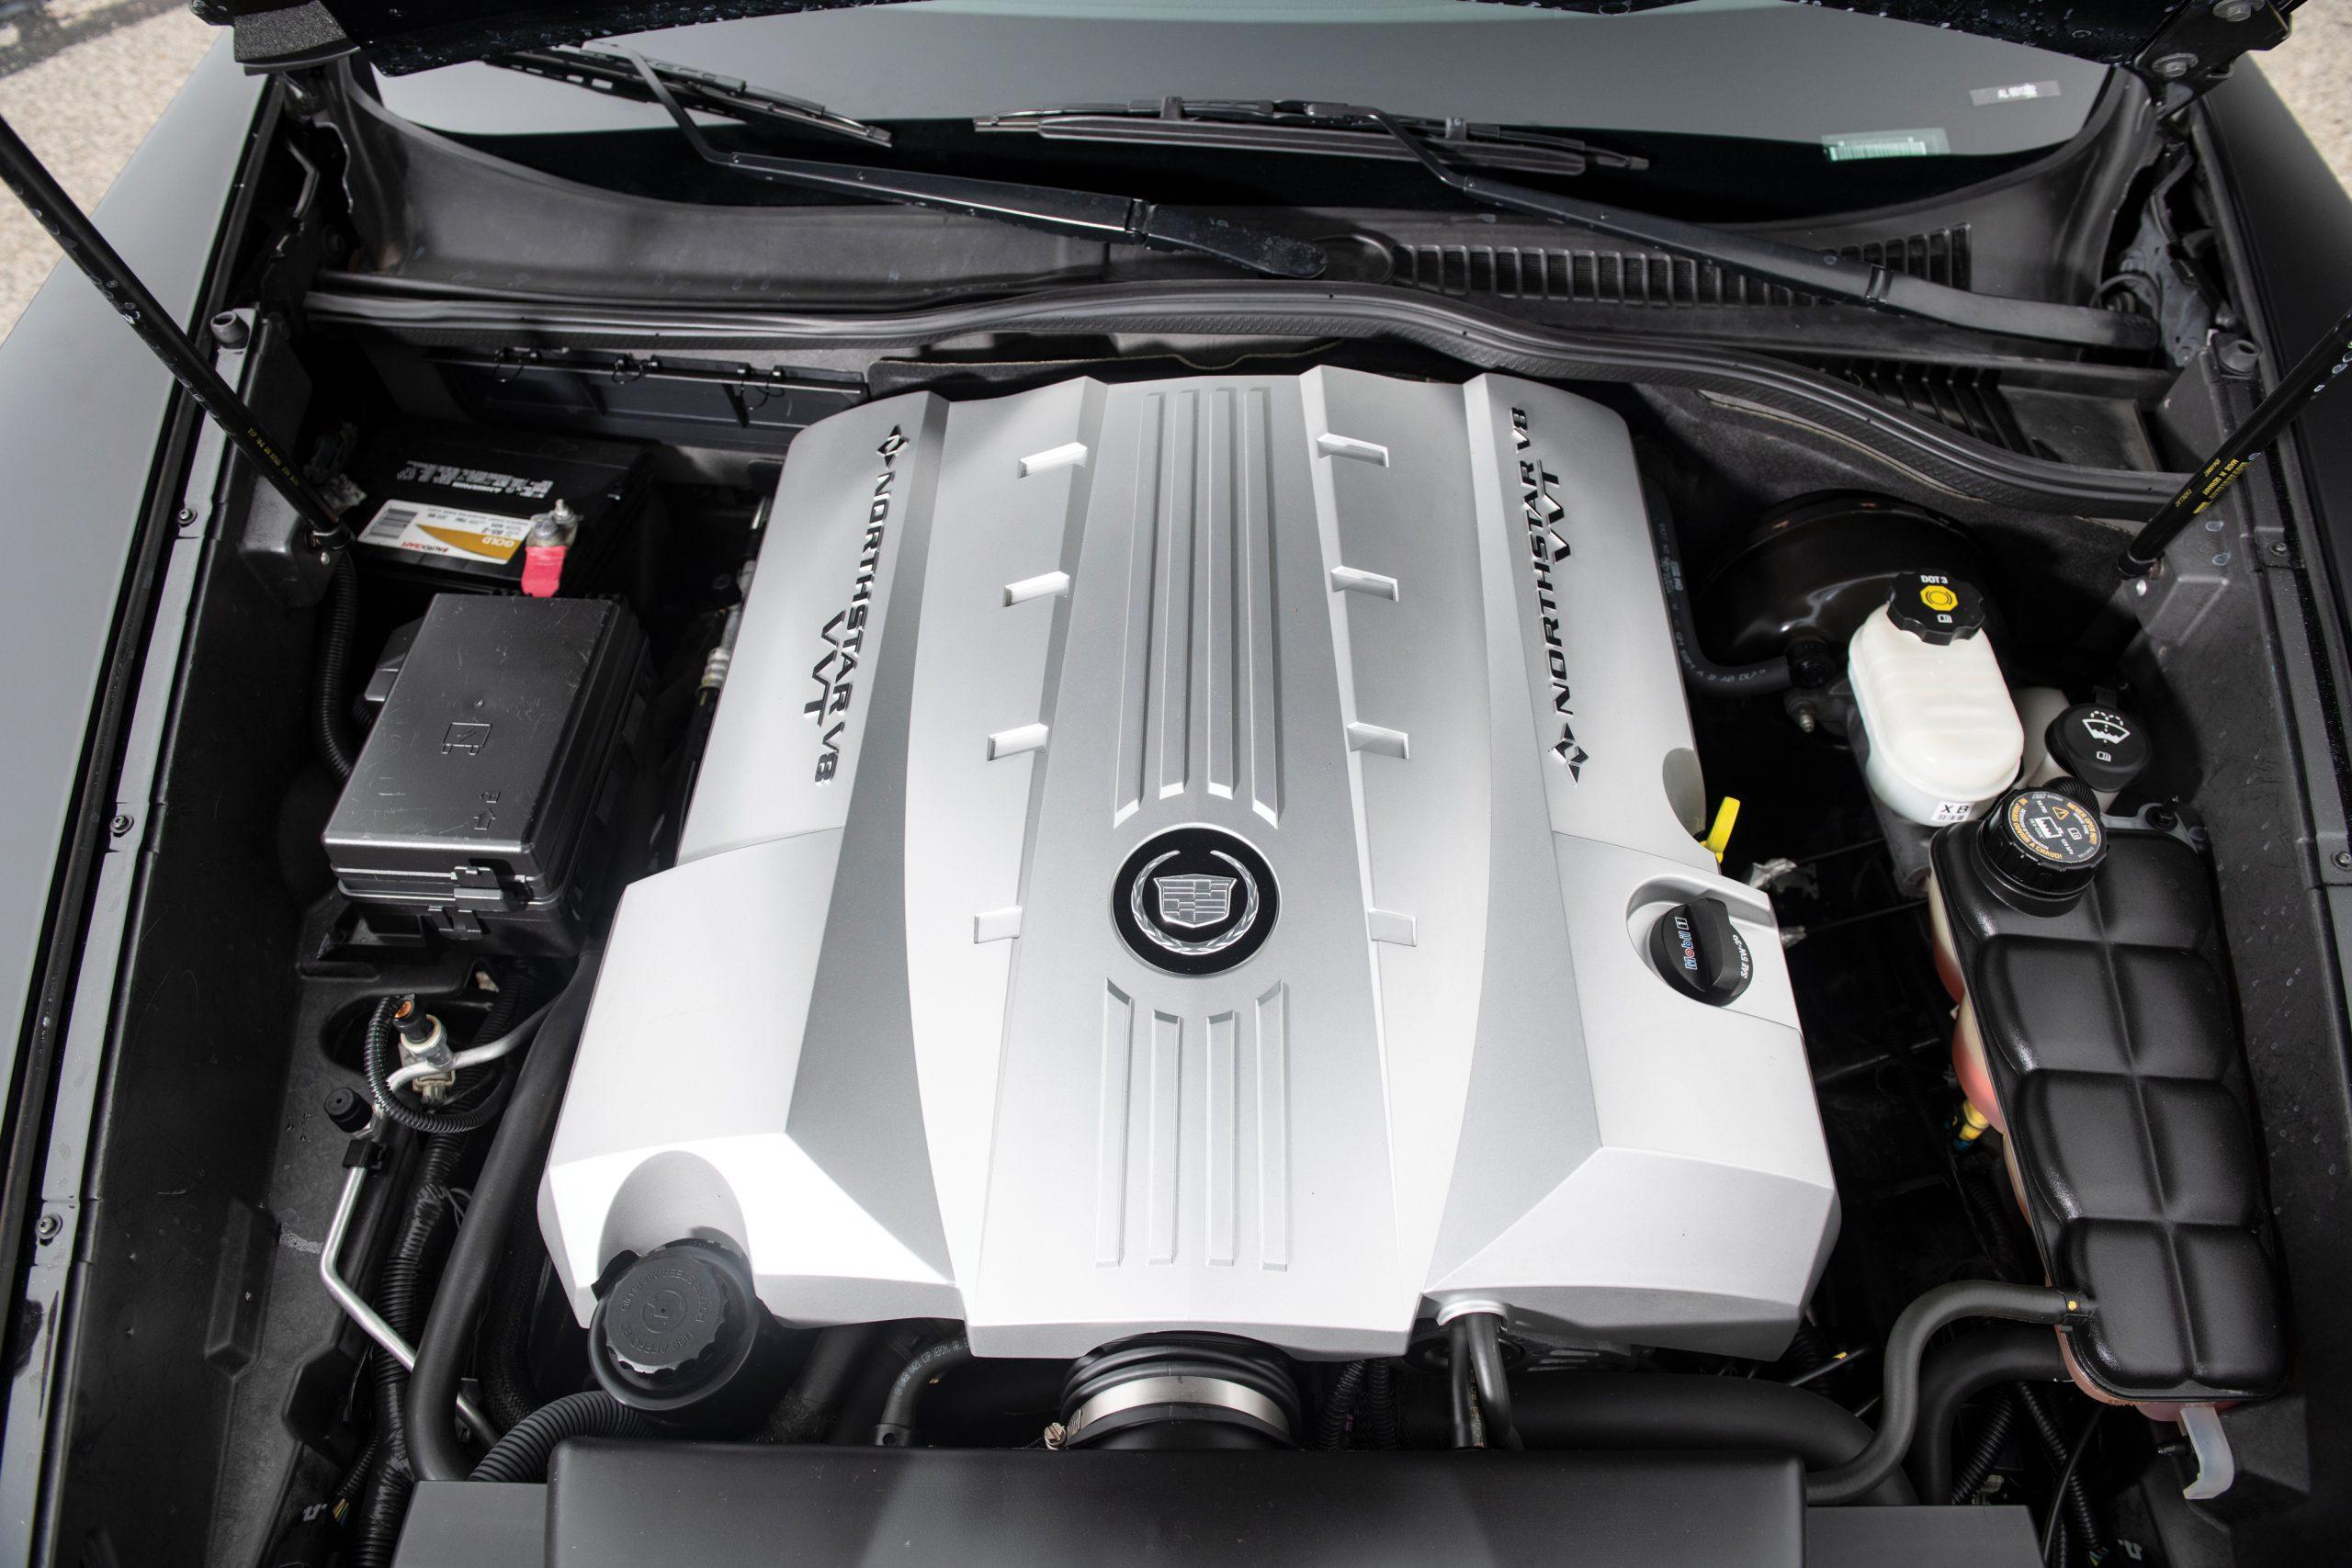 2008 Cadillac XLR Northstar V-8 engine